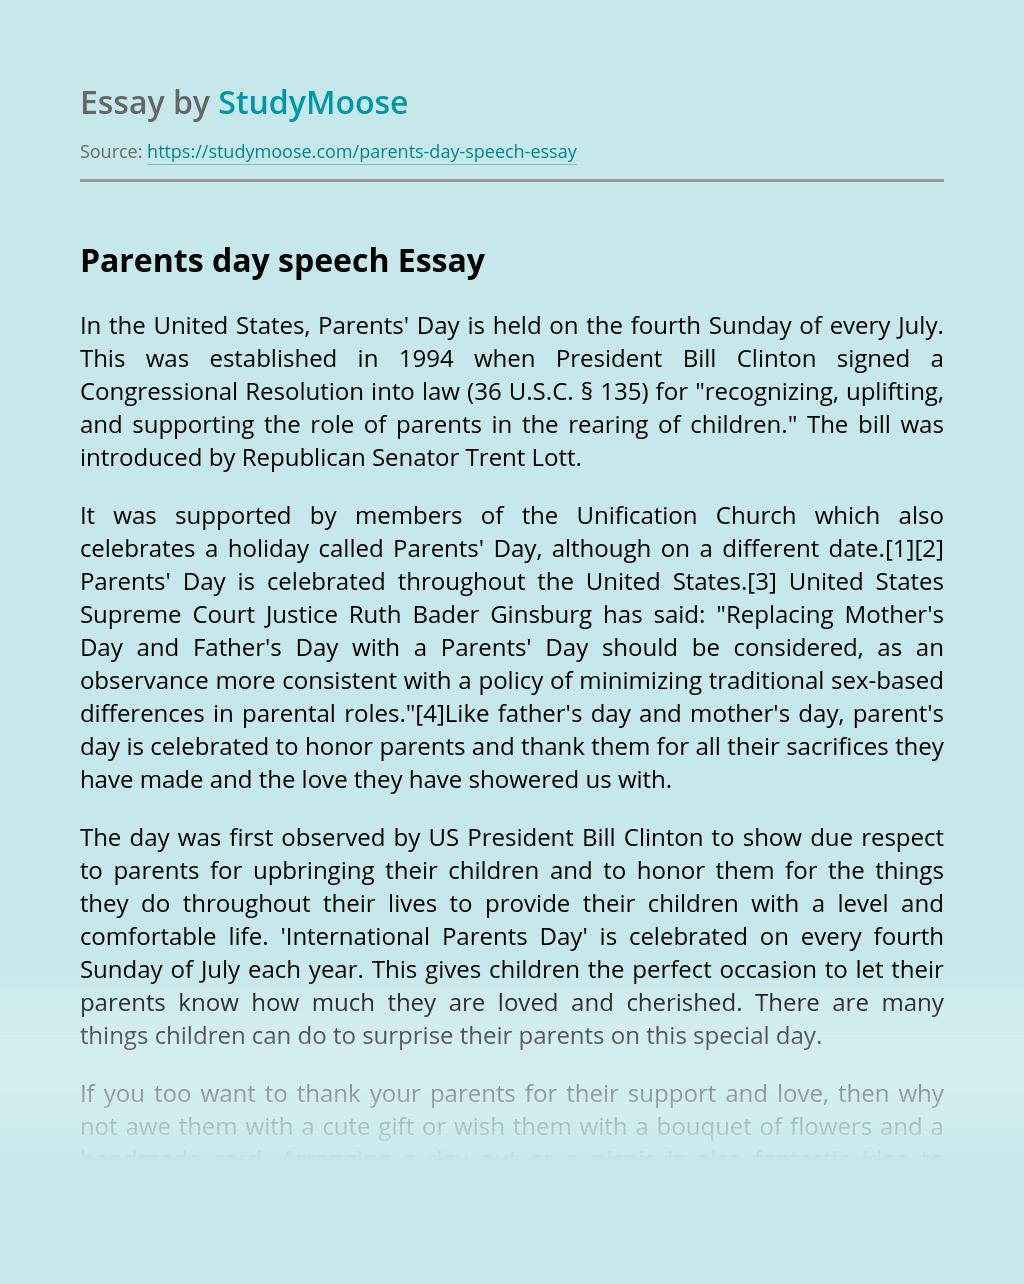 Parents day speech